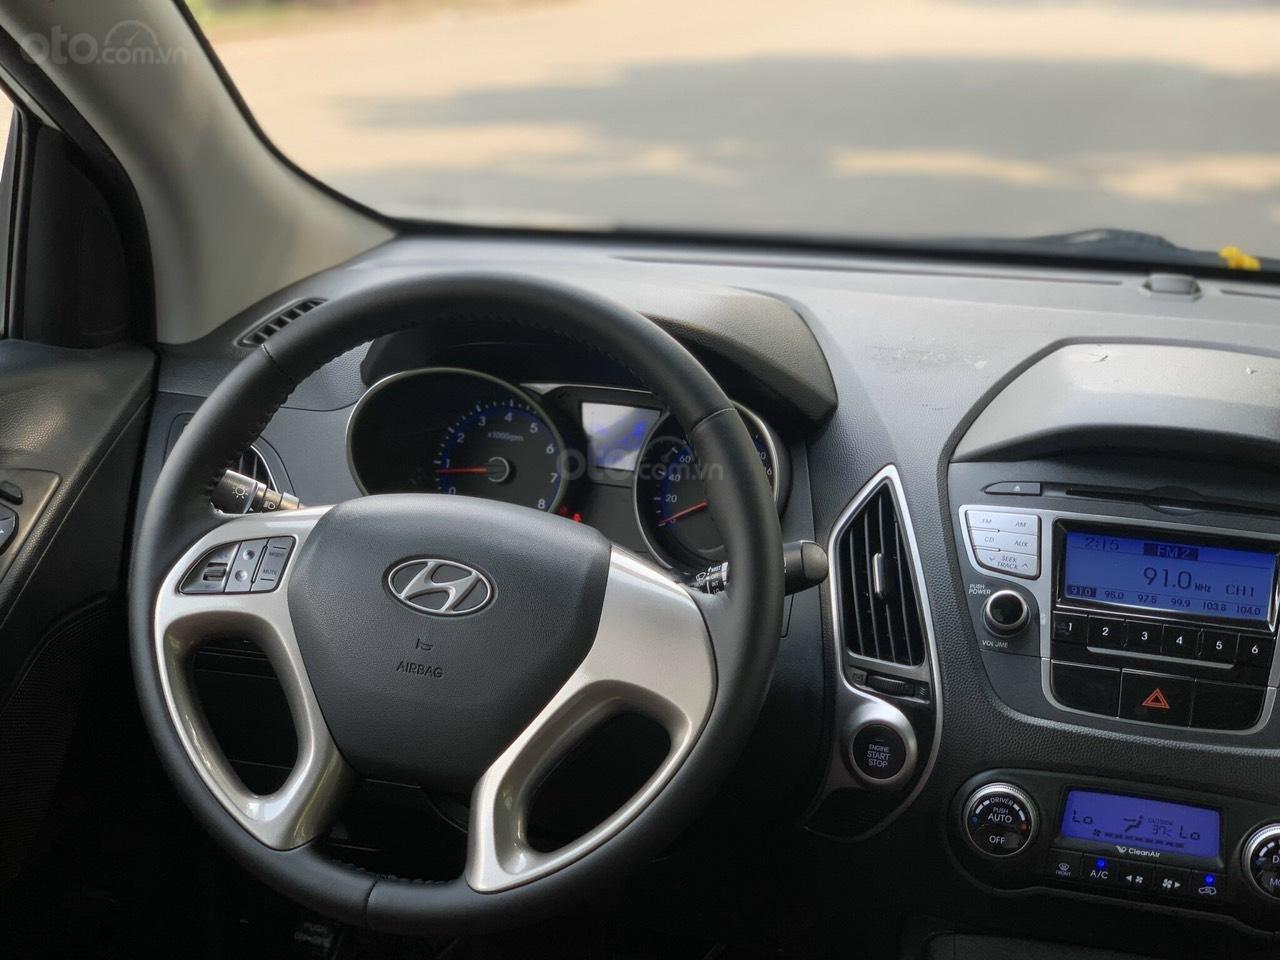 Bán nhanh Hyundai Tucson năm sản xuất 2012 xe đẹp nguyên bản (4)